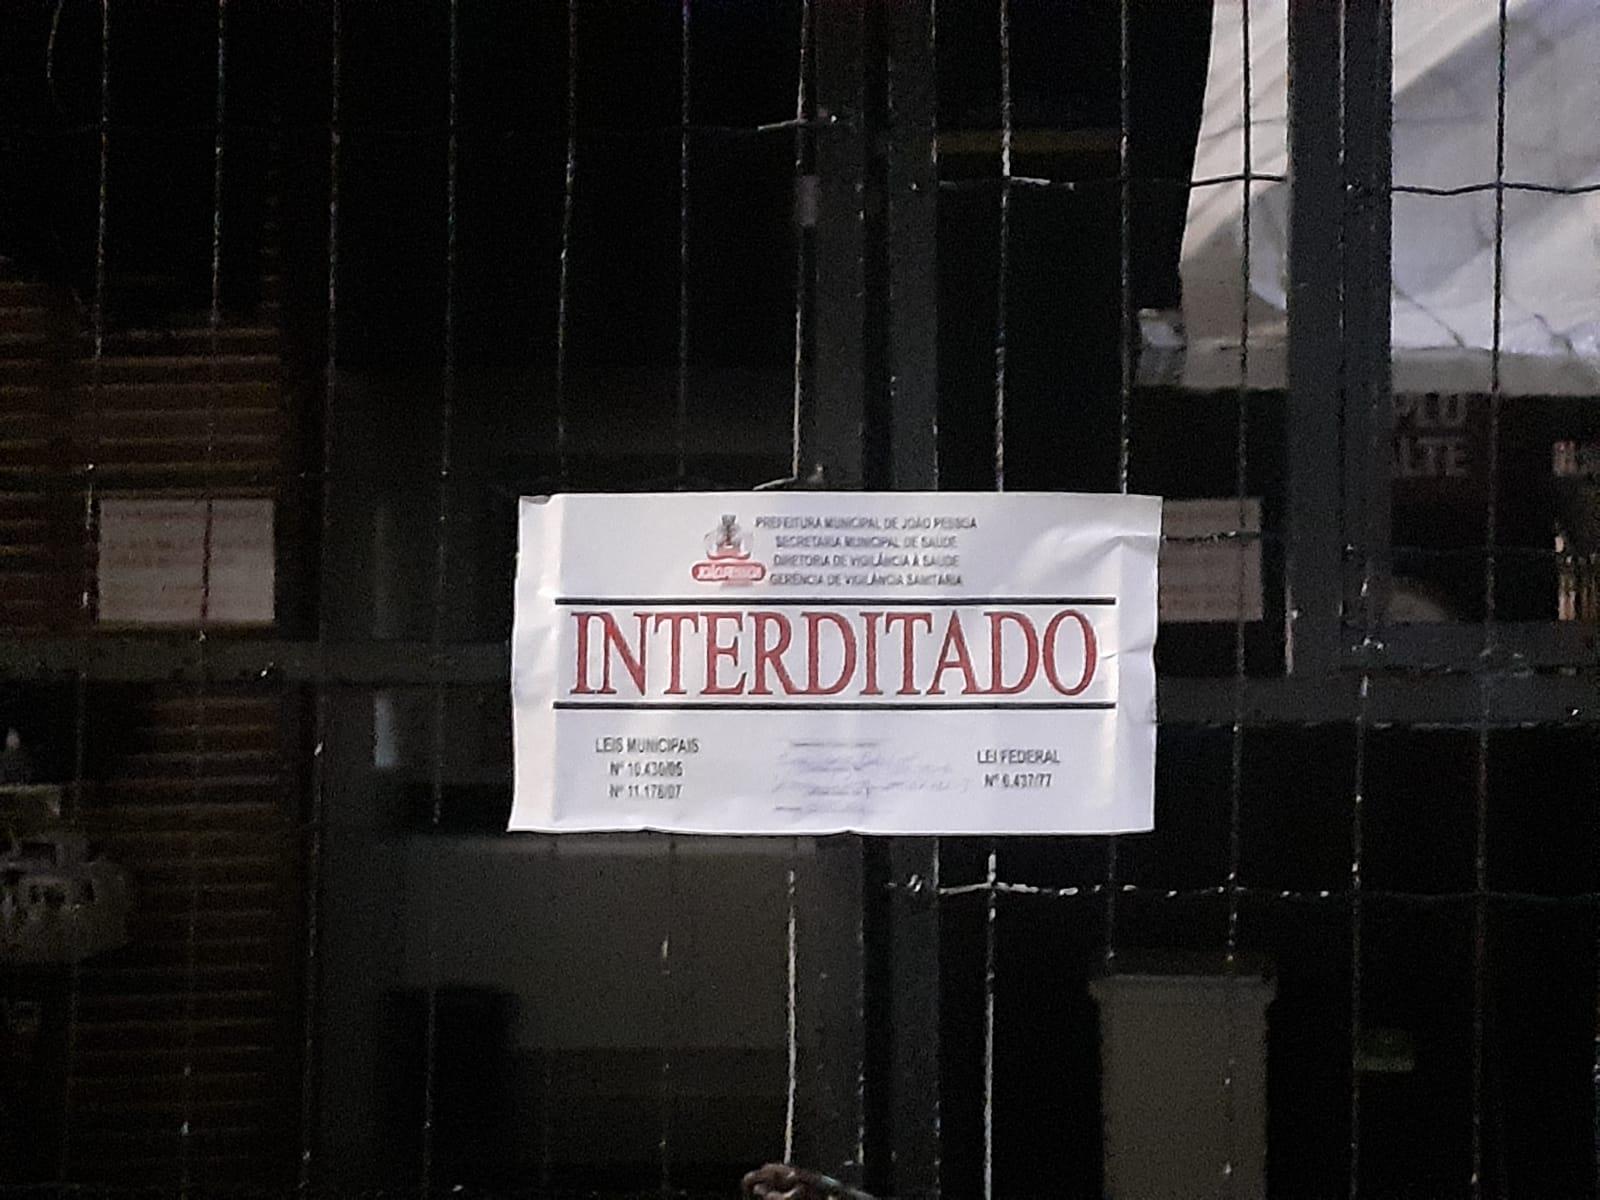 WhatsApp Image 2021 05 09 at 09.39.39 3 - COVID-19: Vigilância Sanitária interdita bar em João Pessoa por aglomeração no Dia das Mães